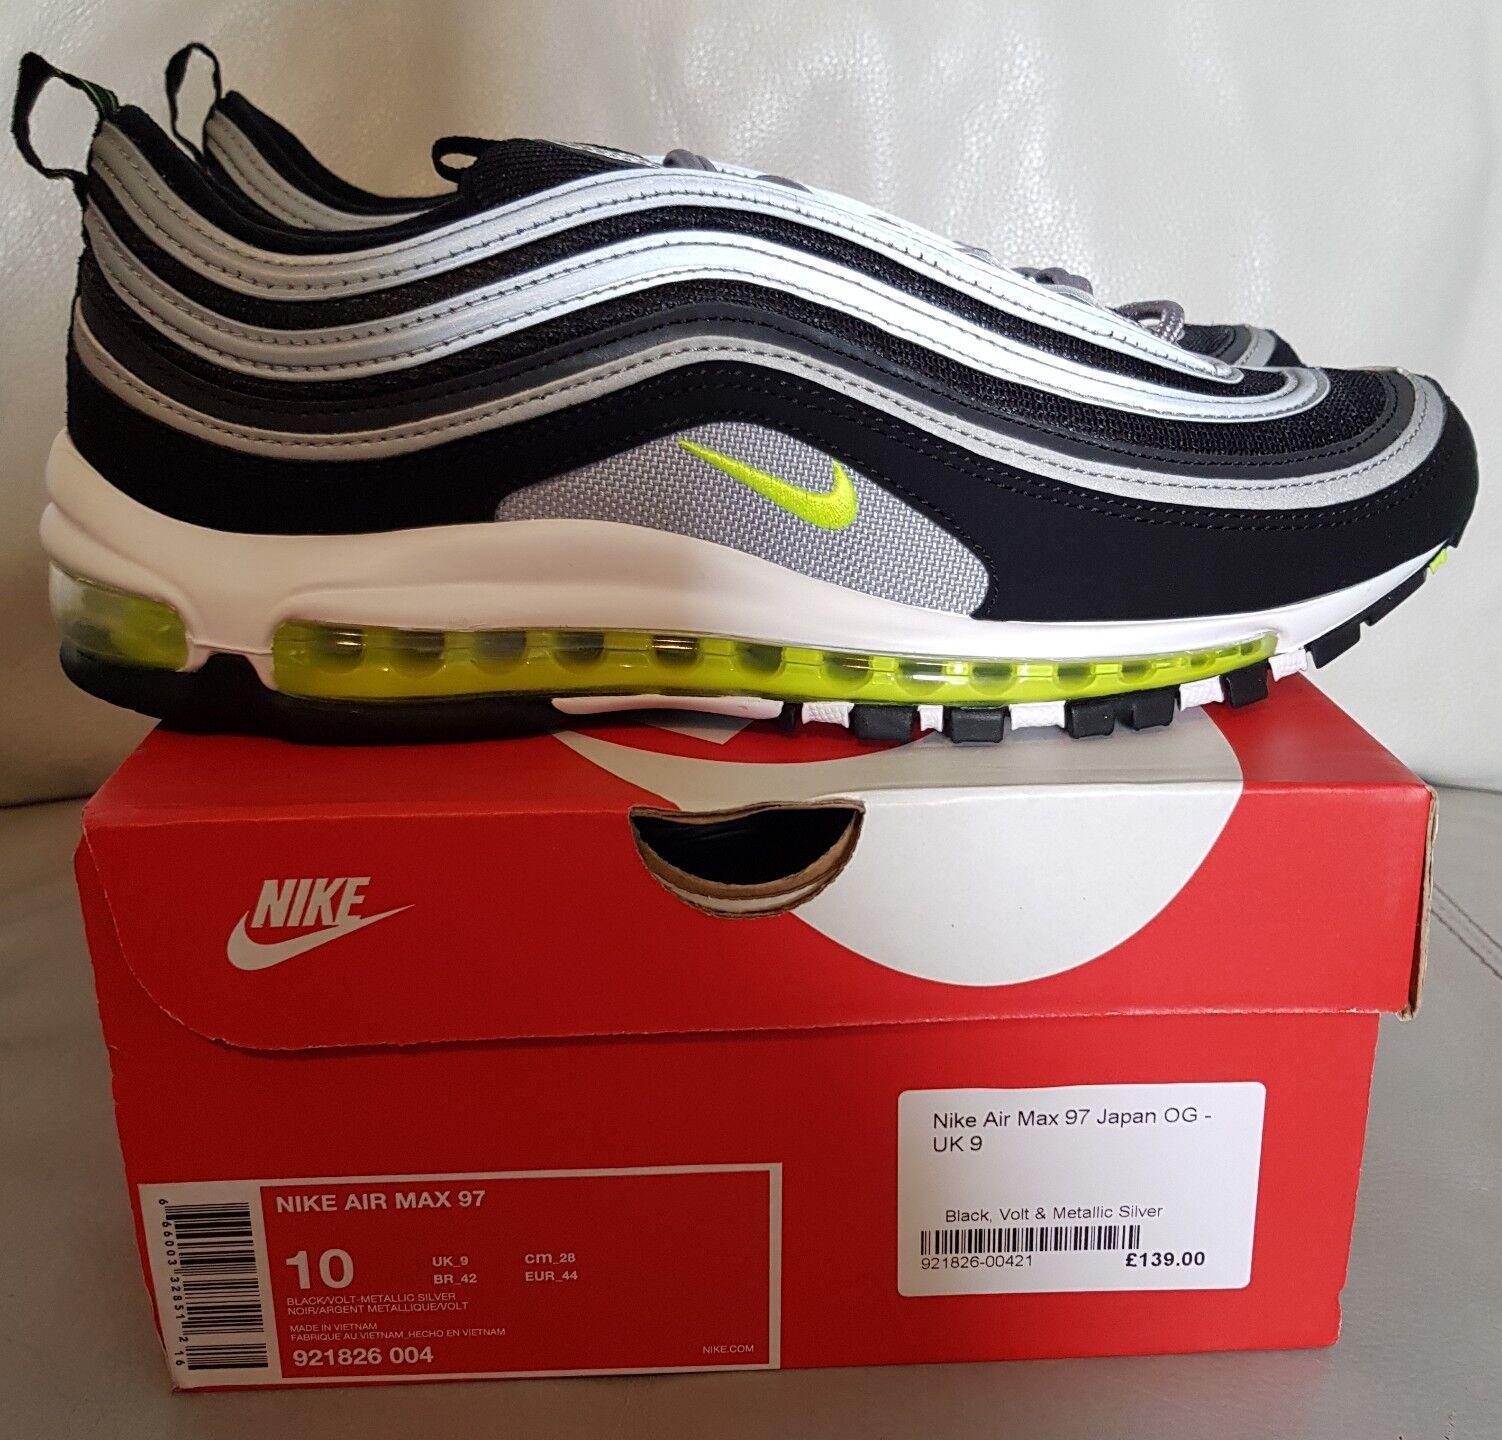 Nike Air Max 97 Retro OG Japan EU noir Volt Neon9 US 10 EU Japan 44 921826 004 e7ebe1